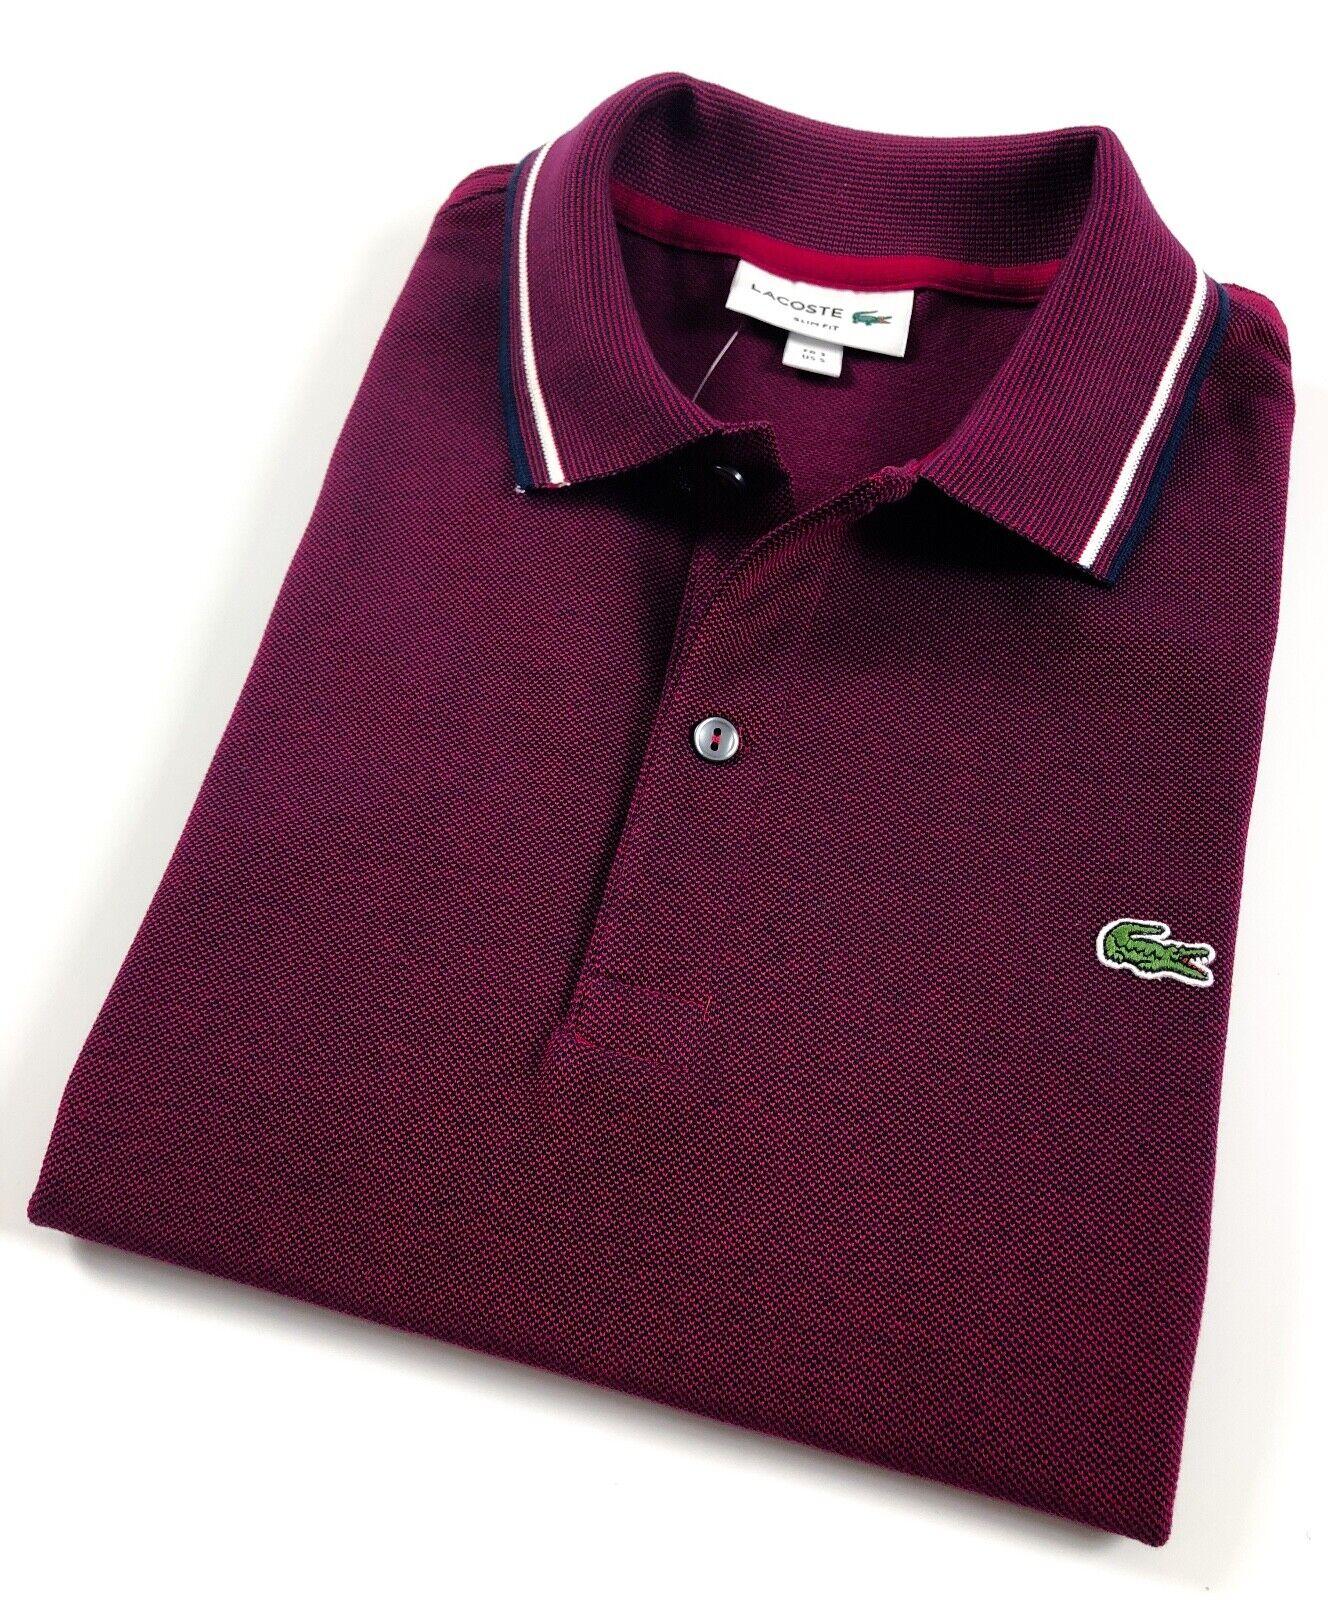 Camisa Polo Lacoste Para hombres Calce Ajustado Burdeos  Marine Algodón Piqué PH1943300209  hasta 60% de descuento